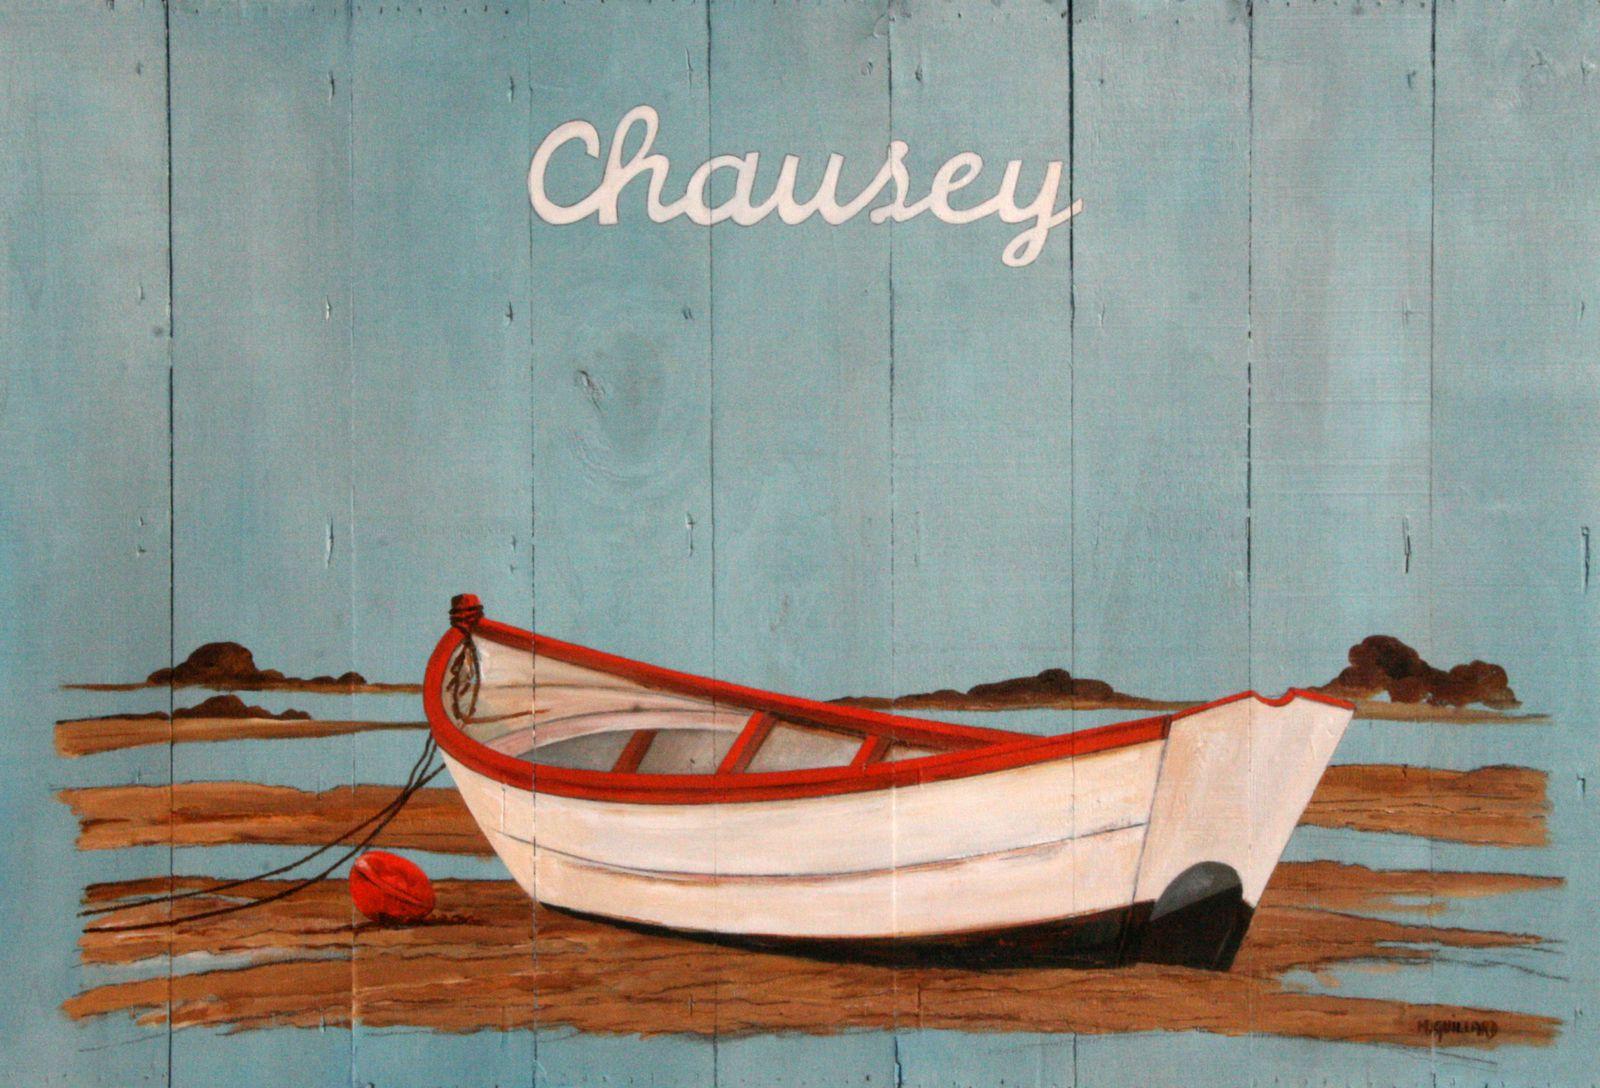 Chausey ou doris chausey peinture acrylique sur bois michelguillard artiste peintre - Peinture acrylique sur bois ...